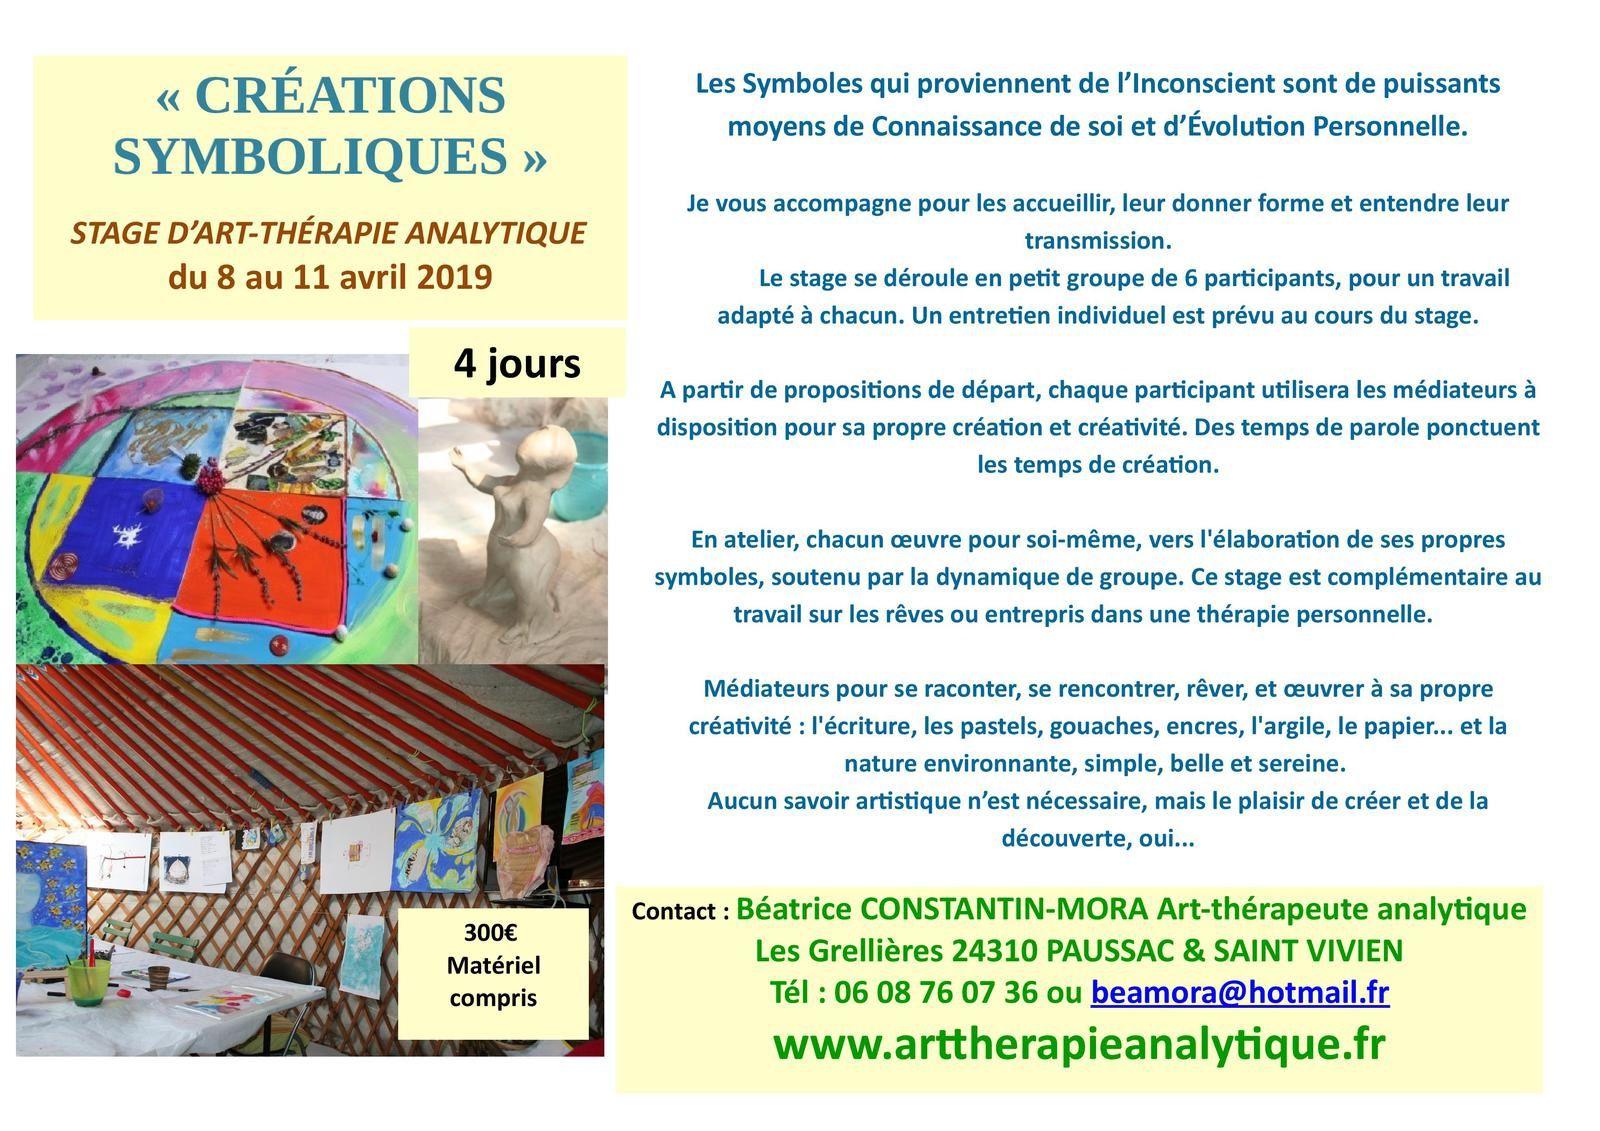 Stage d'art-thérapie analytique en Dordogne